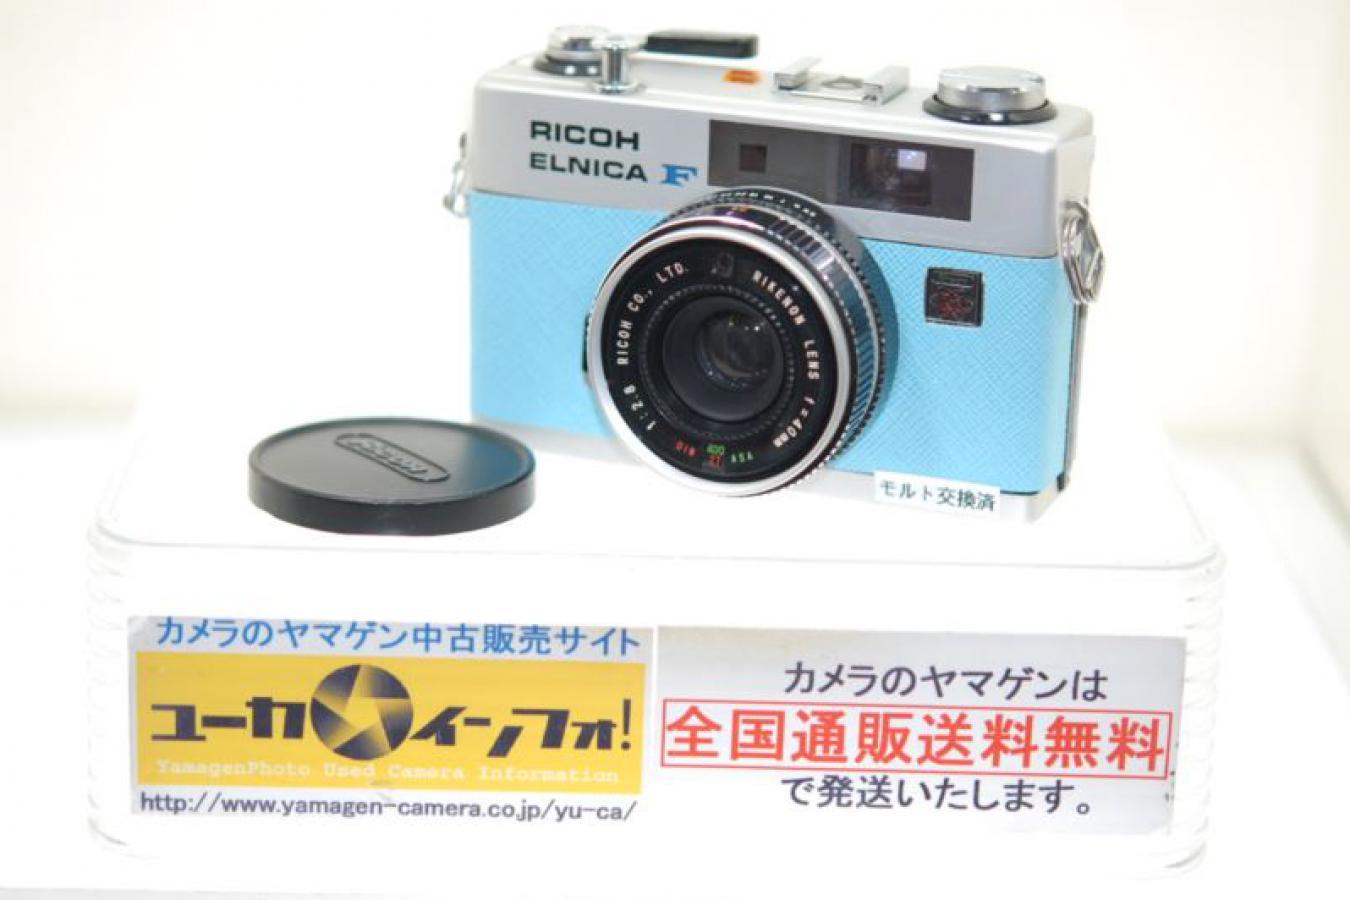 【リメイクカメラ】 RICOH ELNICA F 【モルト交換済 RIKENON LENS 40/2.8レンズ搭載】